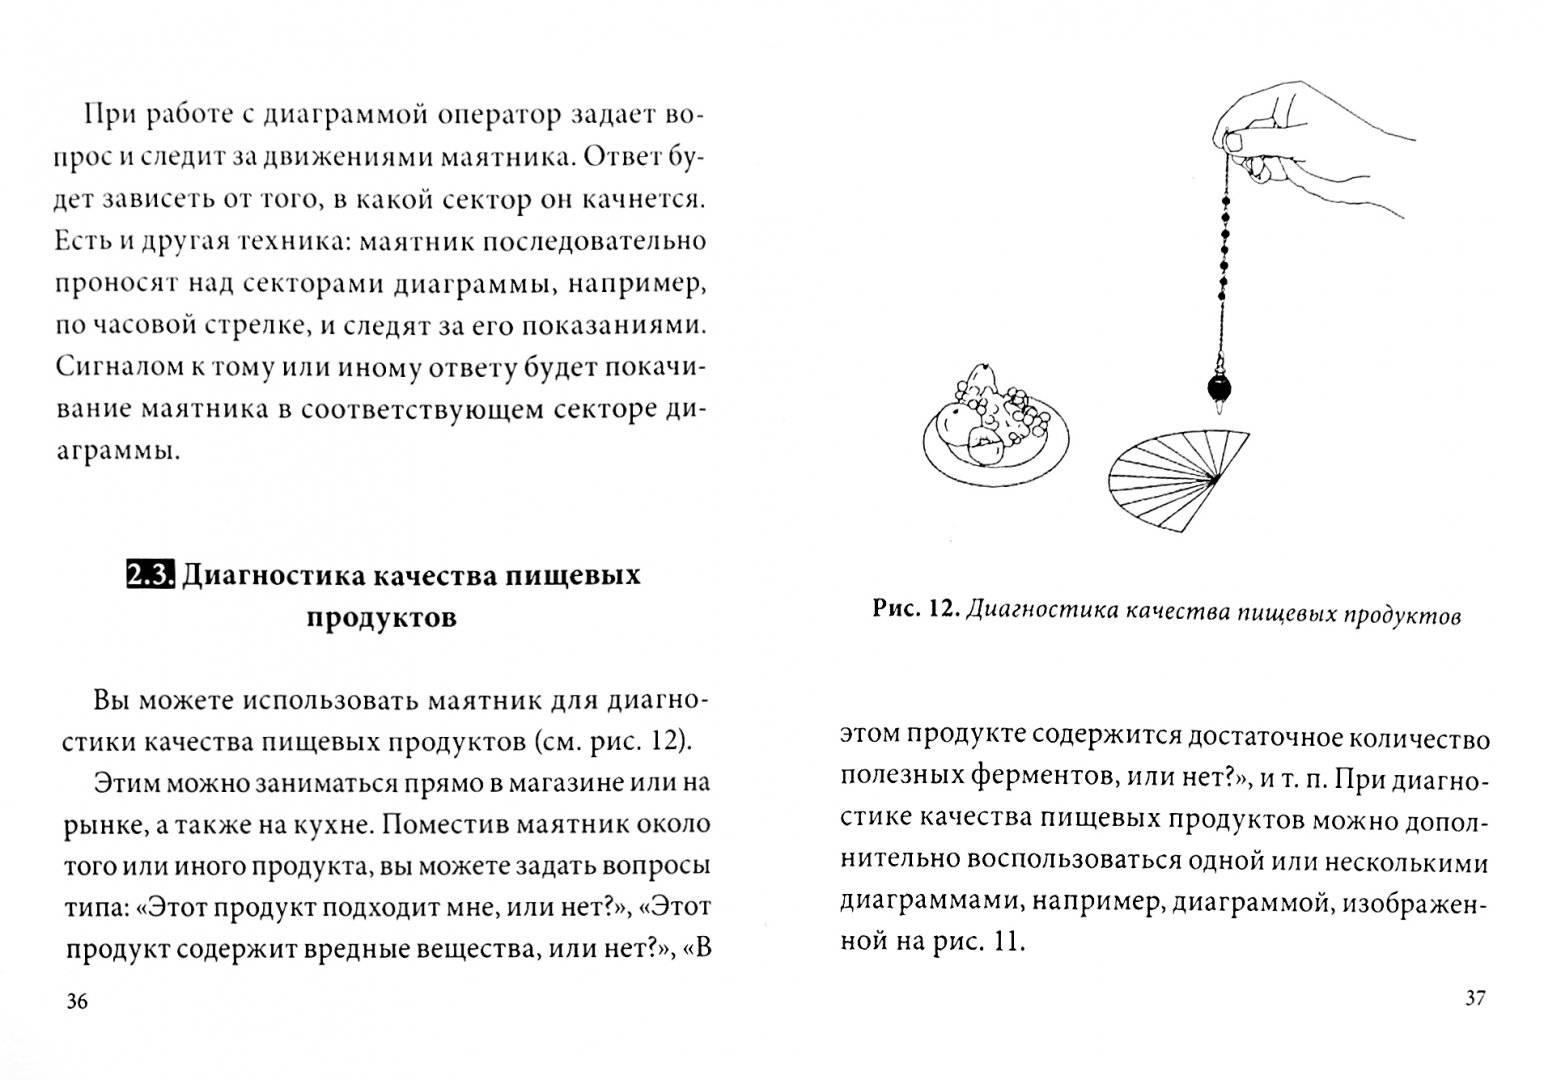 Как пользоваться маятником для гадания – инструкция